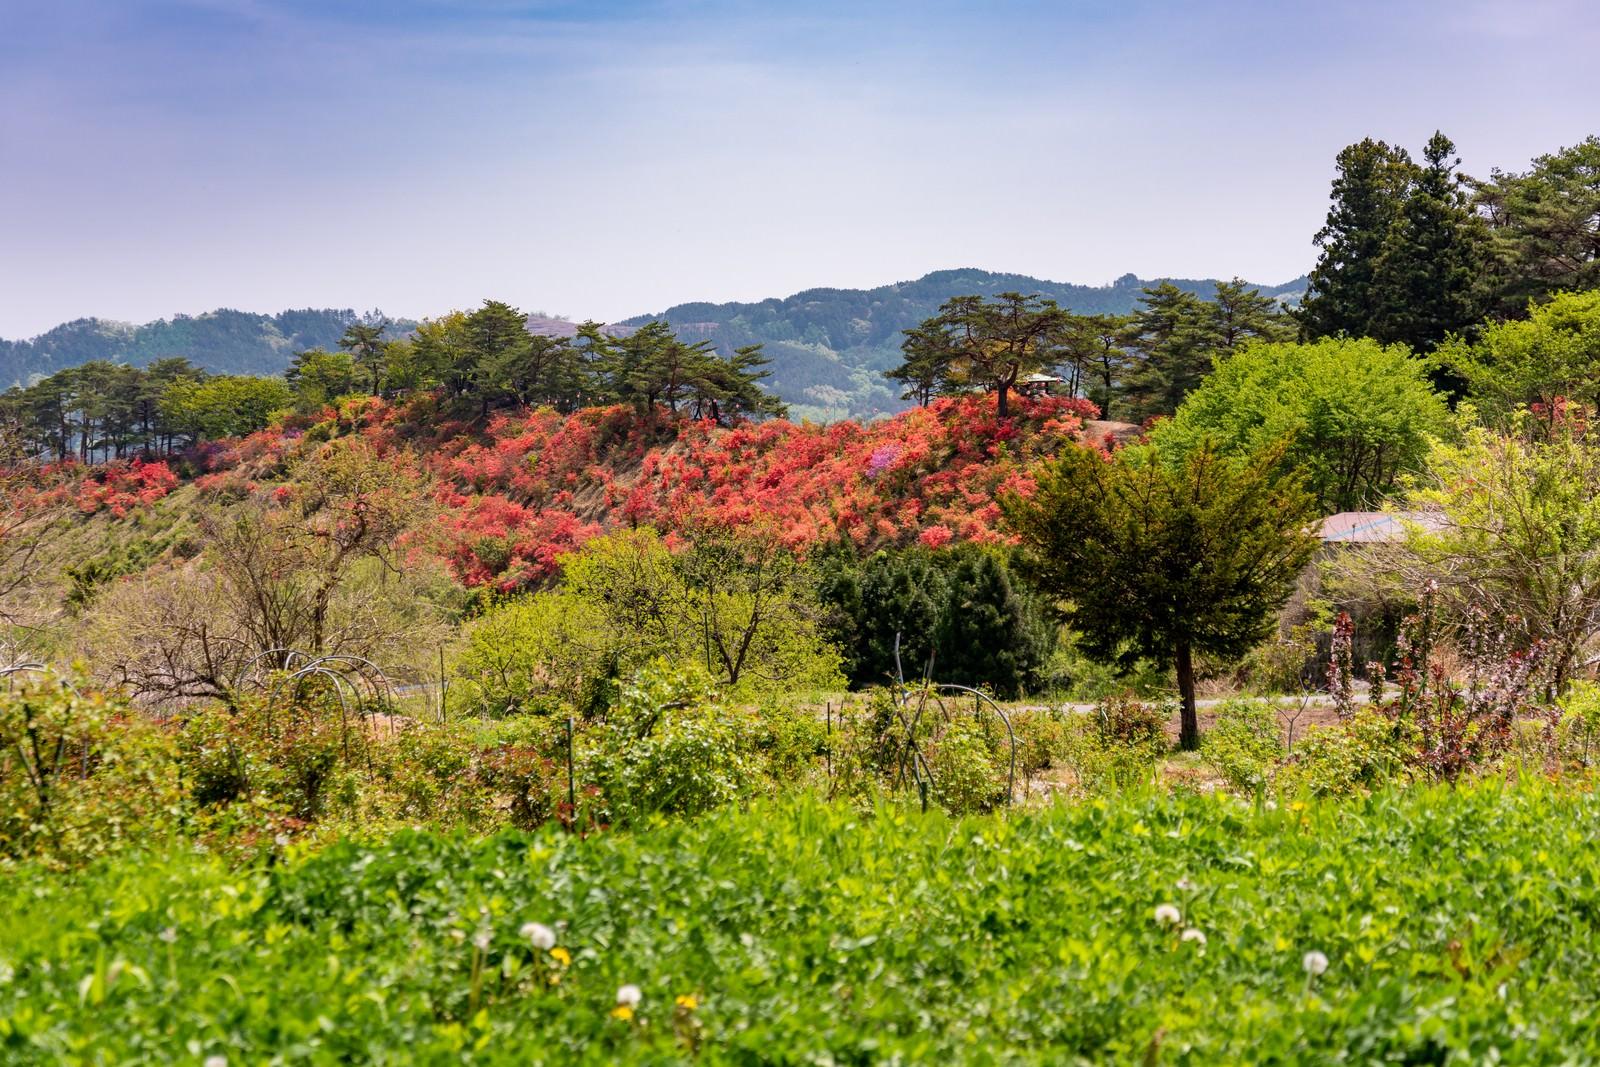 「山の傾斜を彩る武石公園のツツジ」の写真